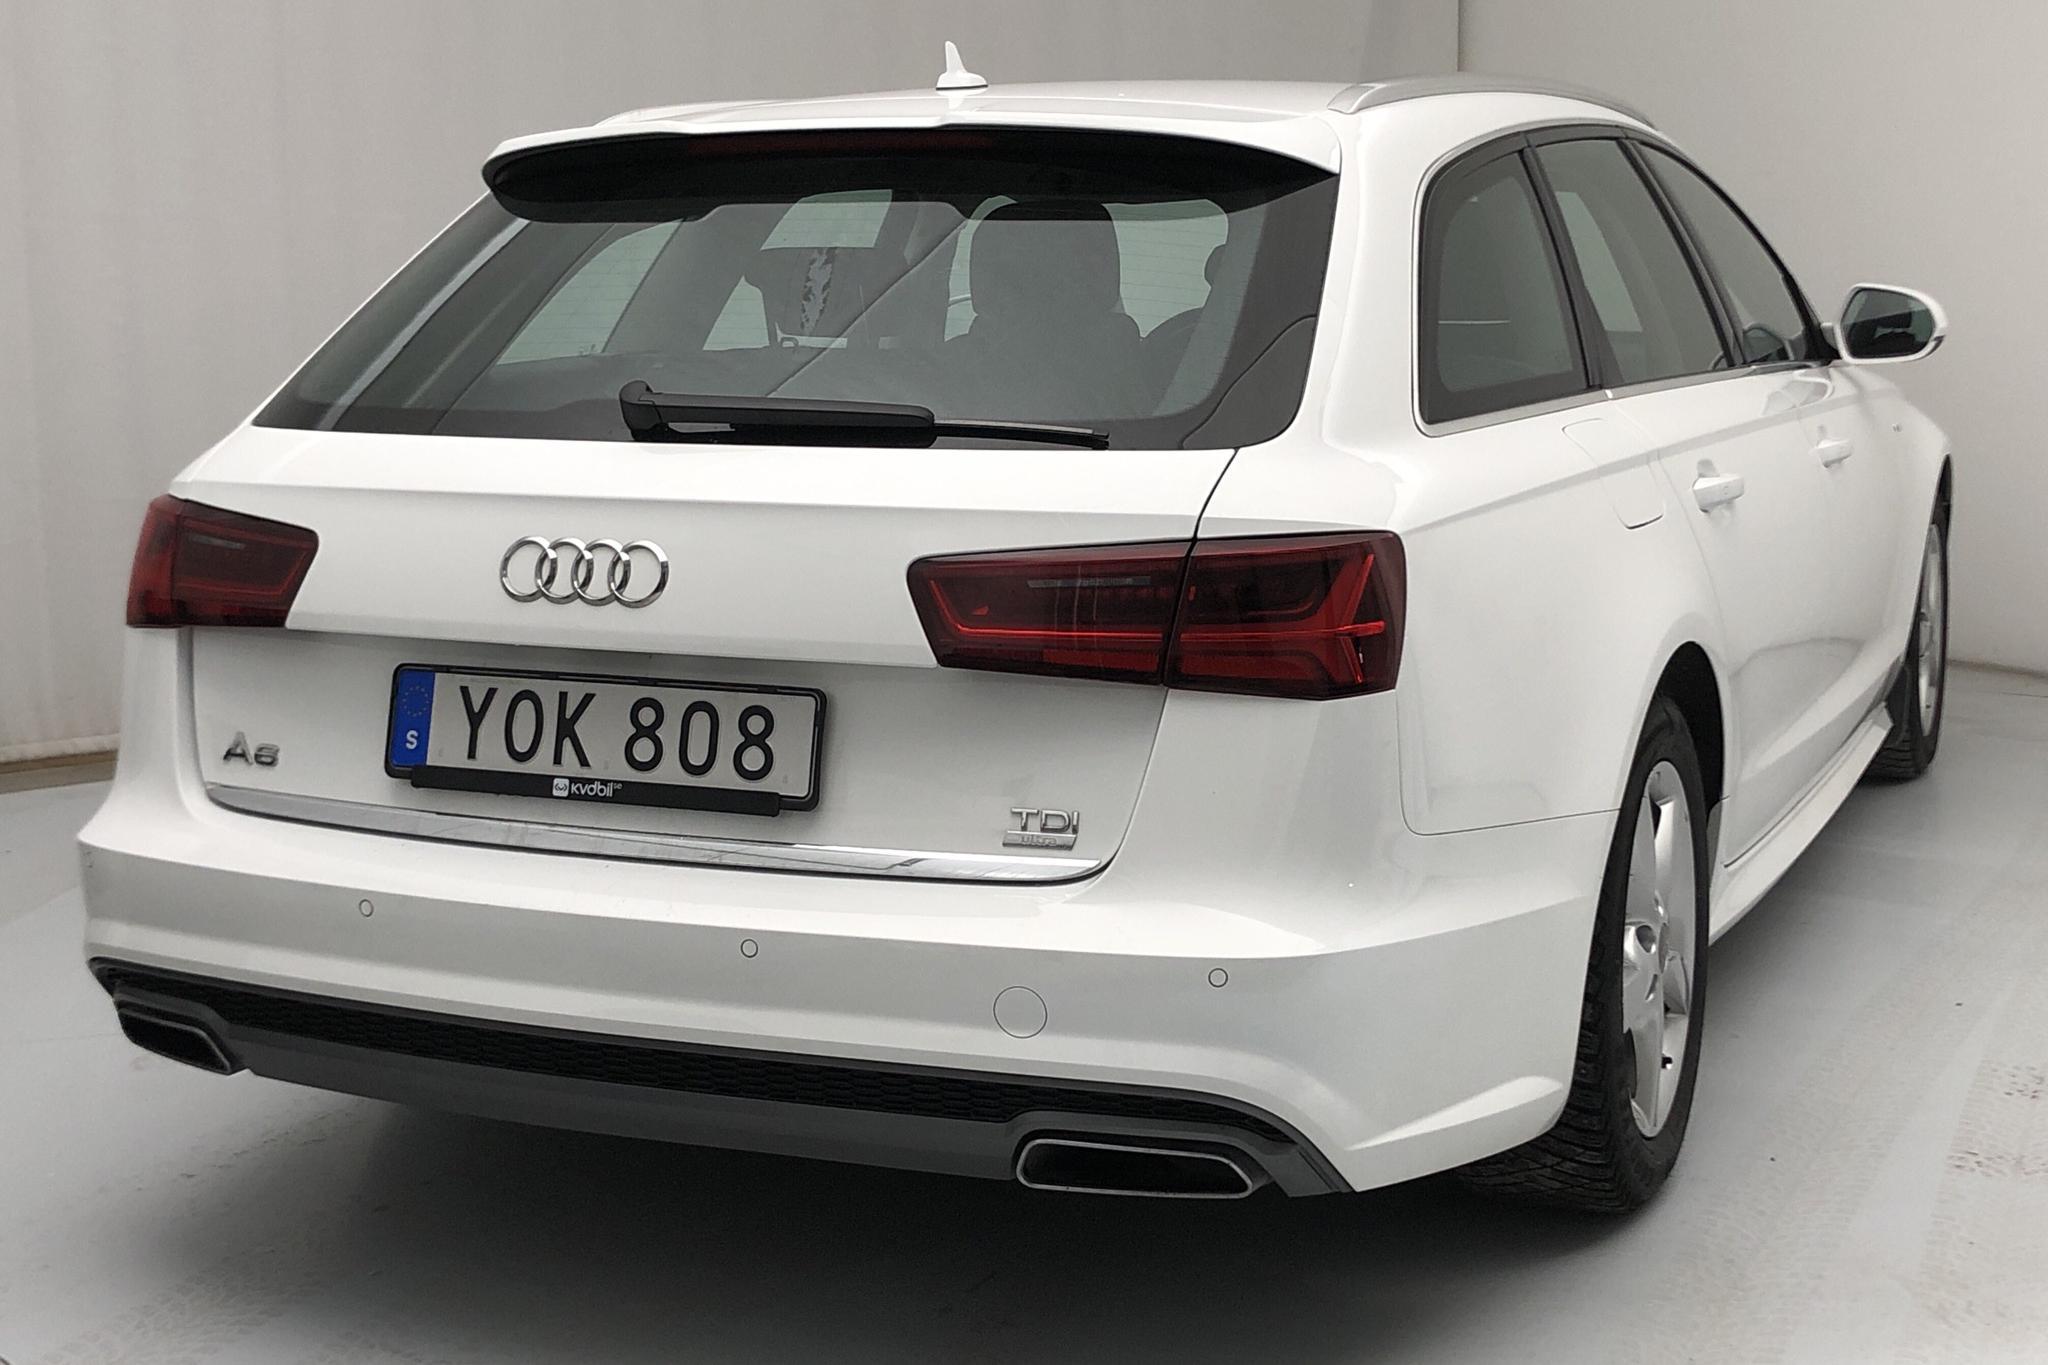 Audi A6 2.0 TDI Avant (190hk) - 4 467 mil - Manuell - vit - 2018